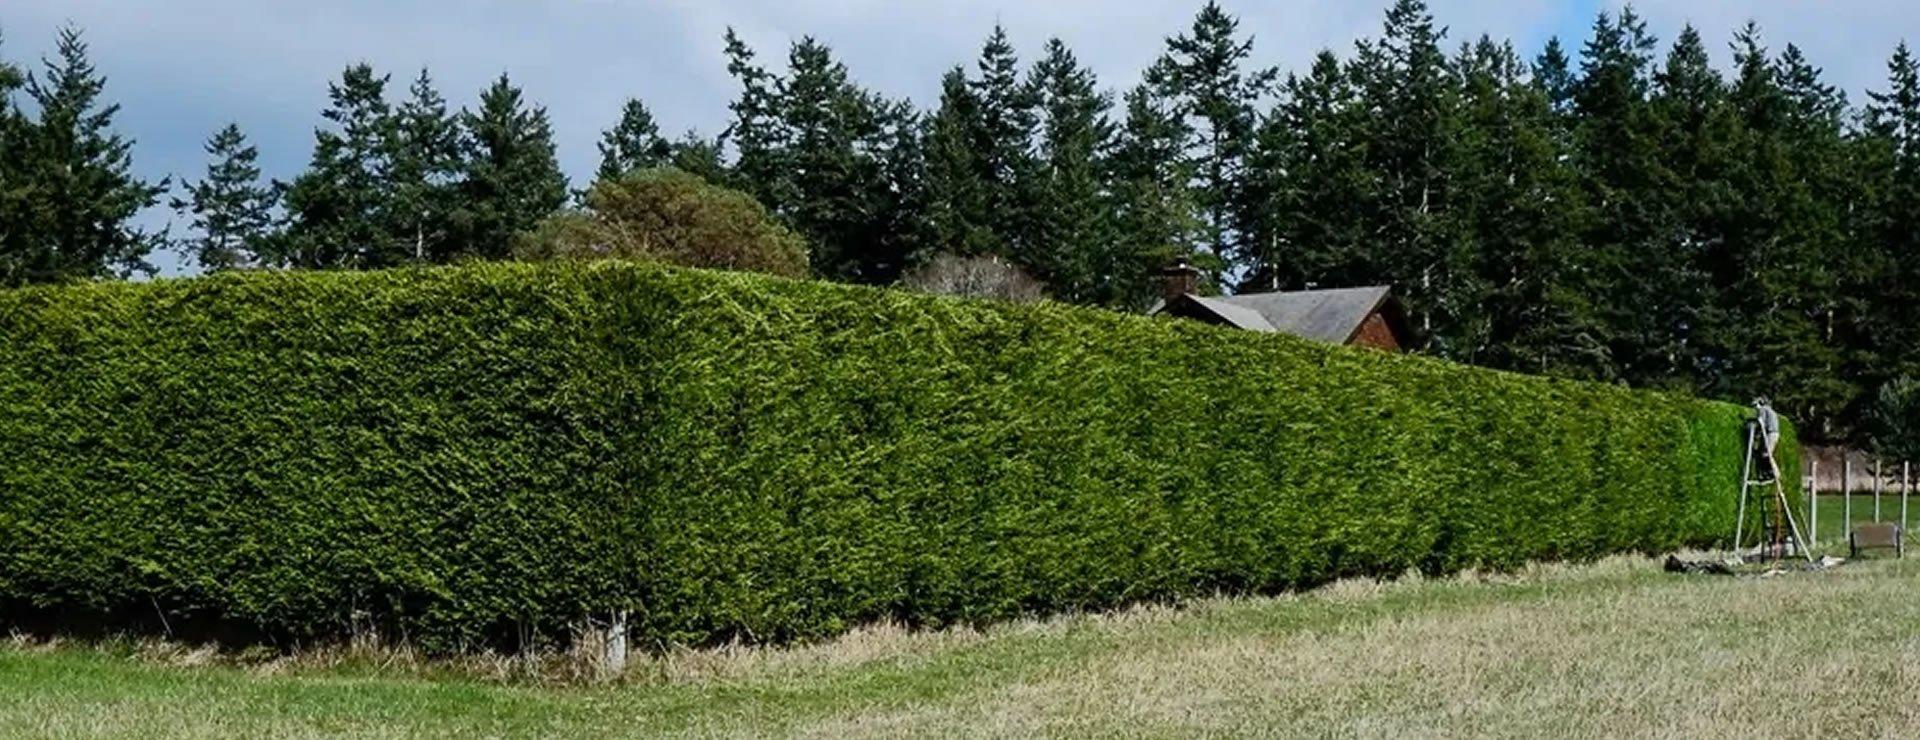 noise reduction hedges hedge xpress. Black Bedroom Furniture Sets. Home Design Ideas